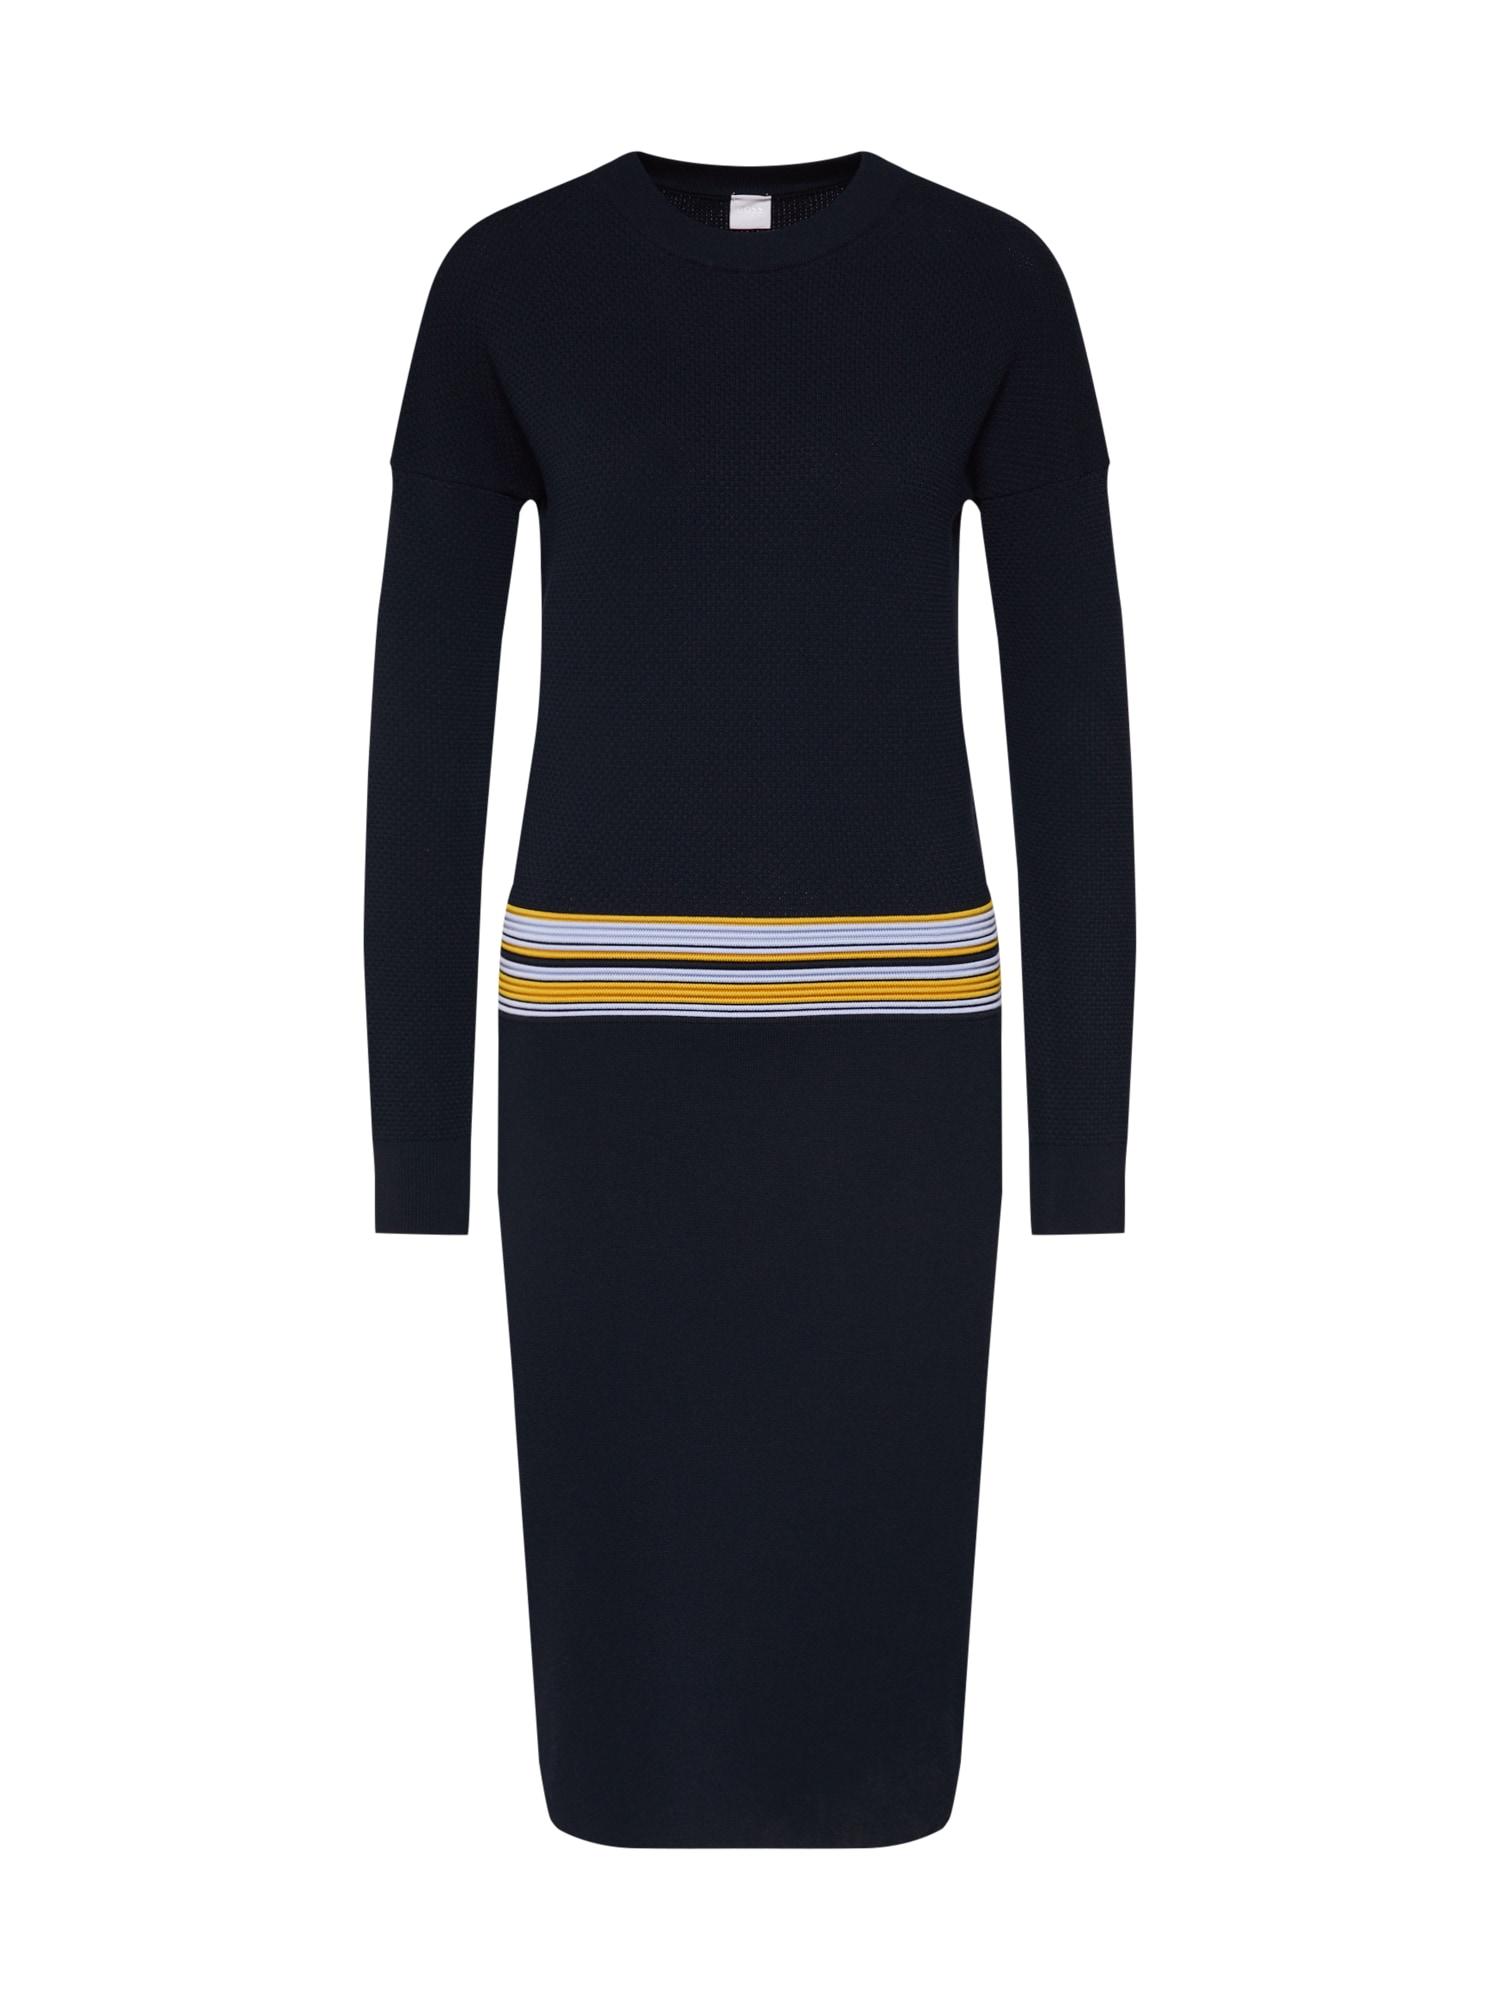 Úpletové šaty Iwearit námořnická modř světlemodrá žlutá BOSS